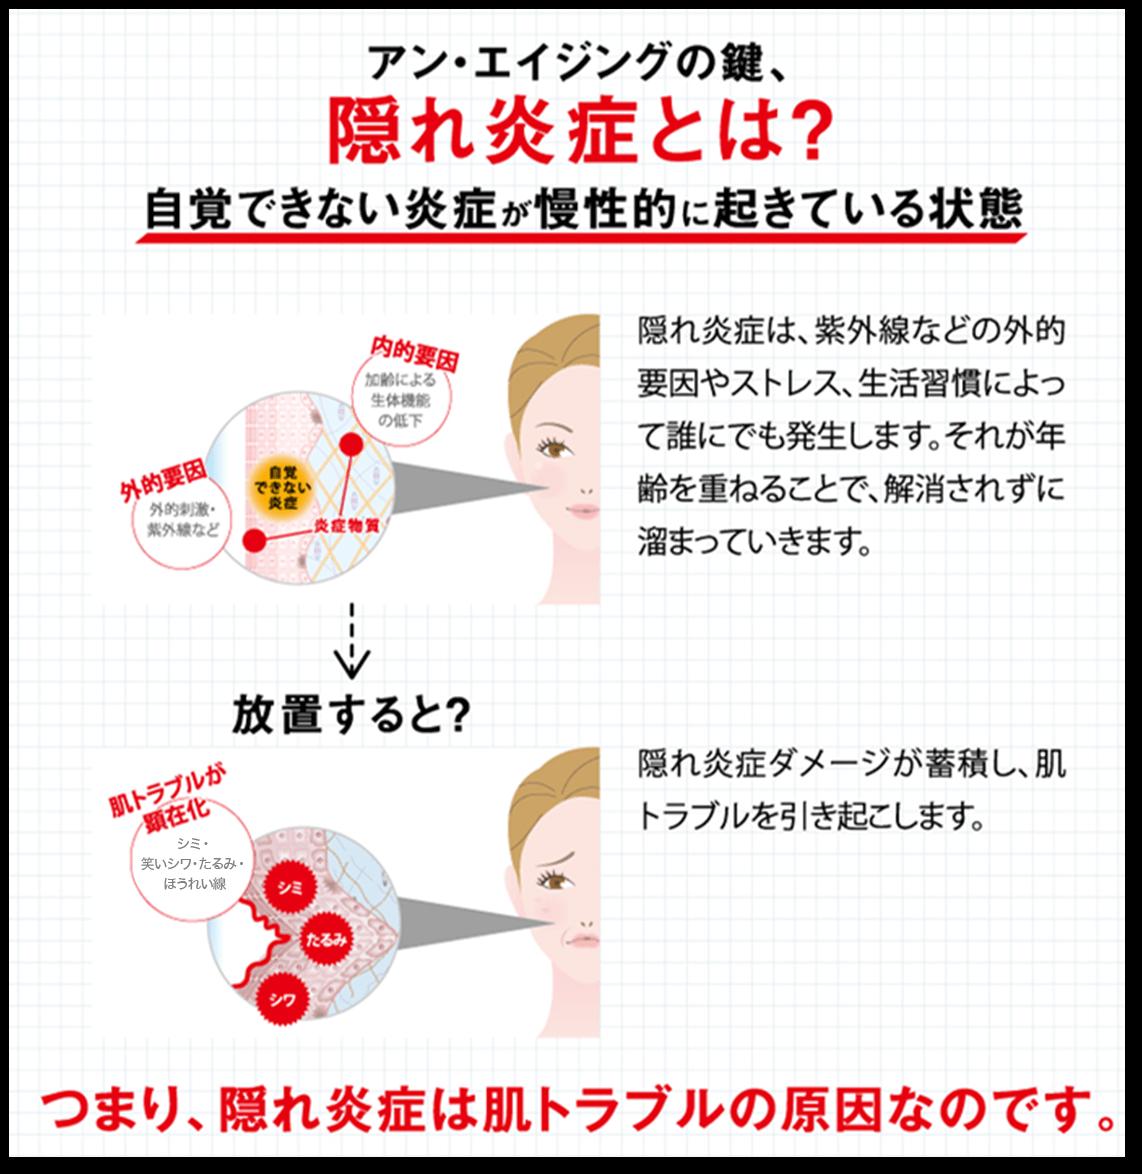 アン・エイジングの鍵、隠れ炎症とhs? 自覚できない炎症が慢性的に起きている状態 つまり、隠れえんしょうは肌トラブルの原因なのです。